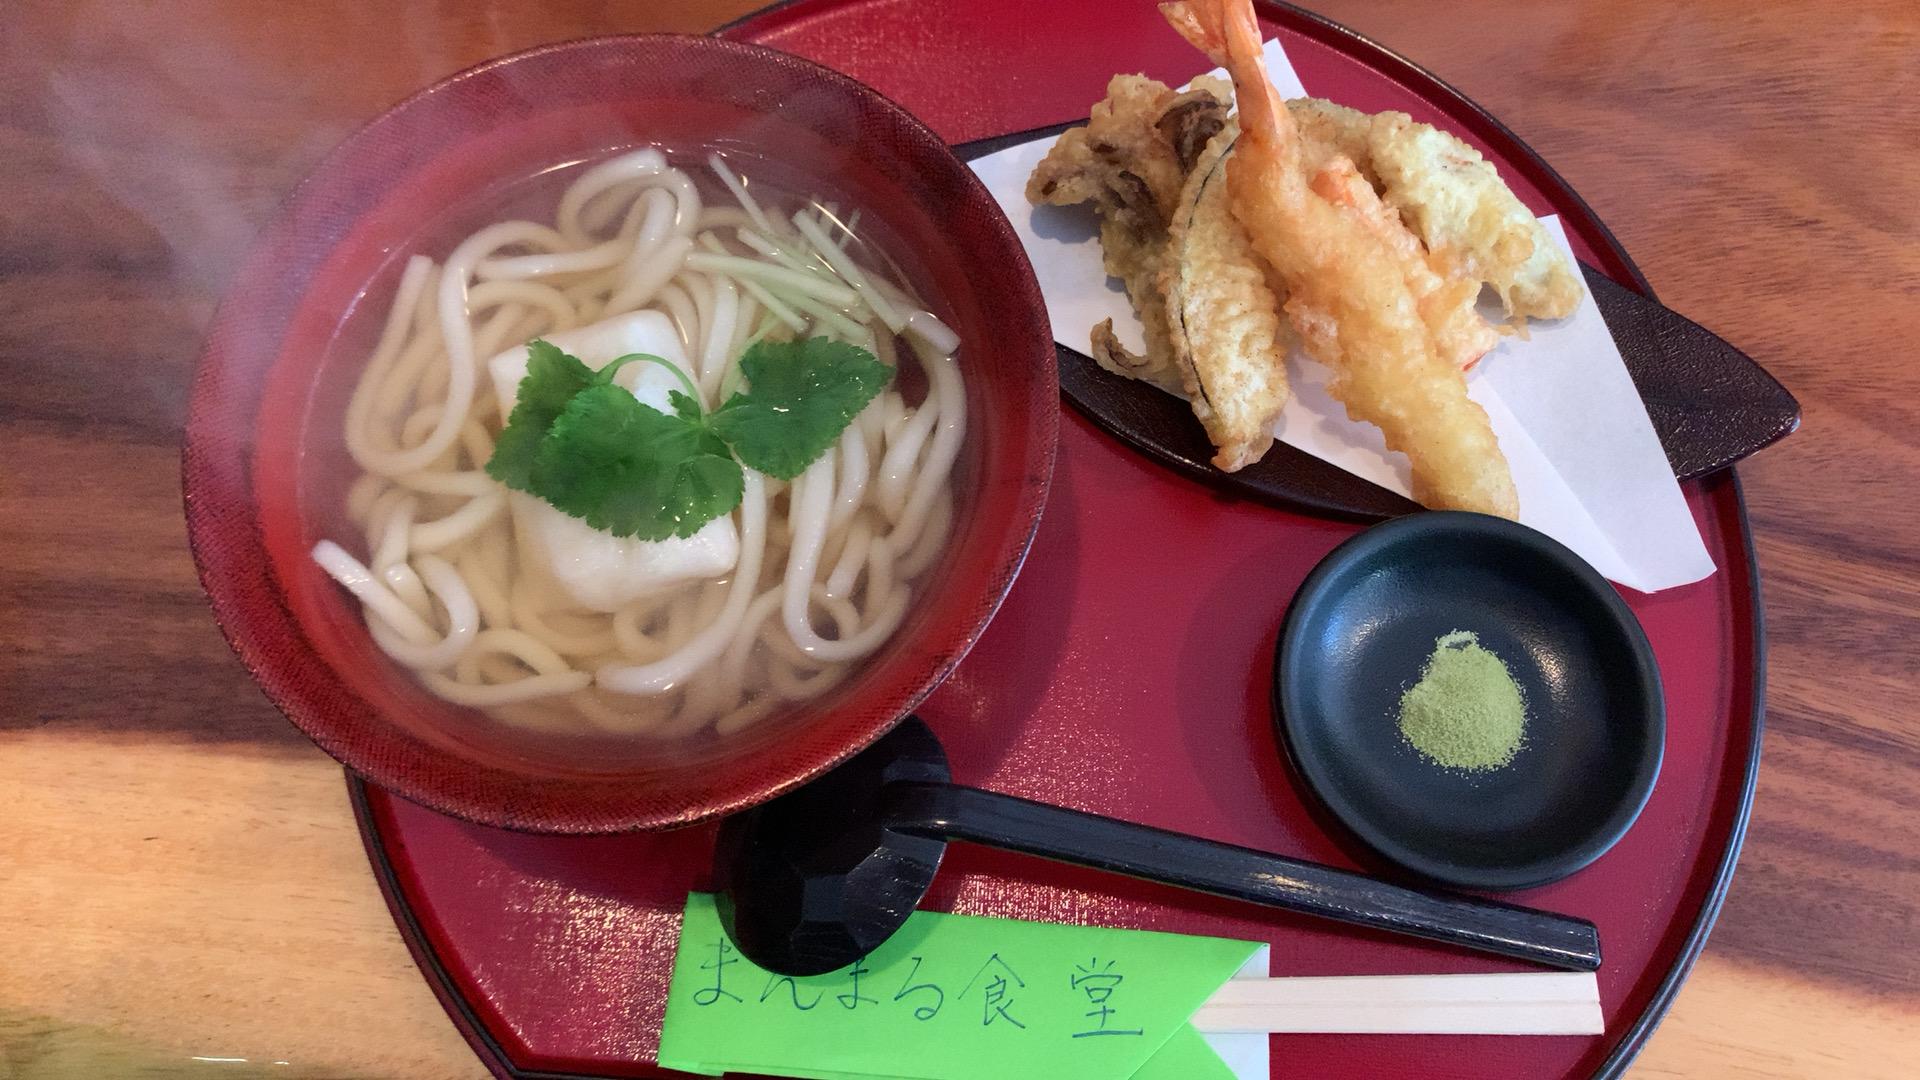 札幌・中央区 まんまる食堂